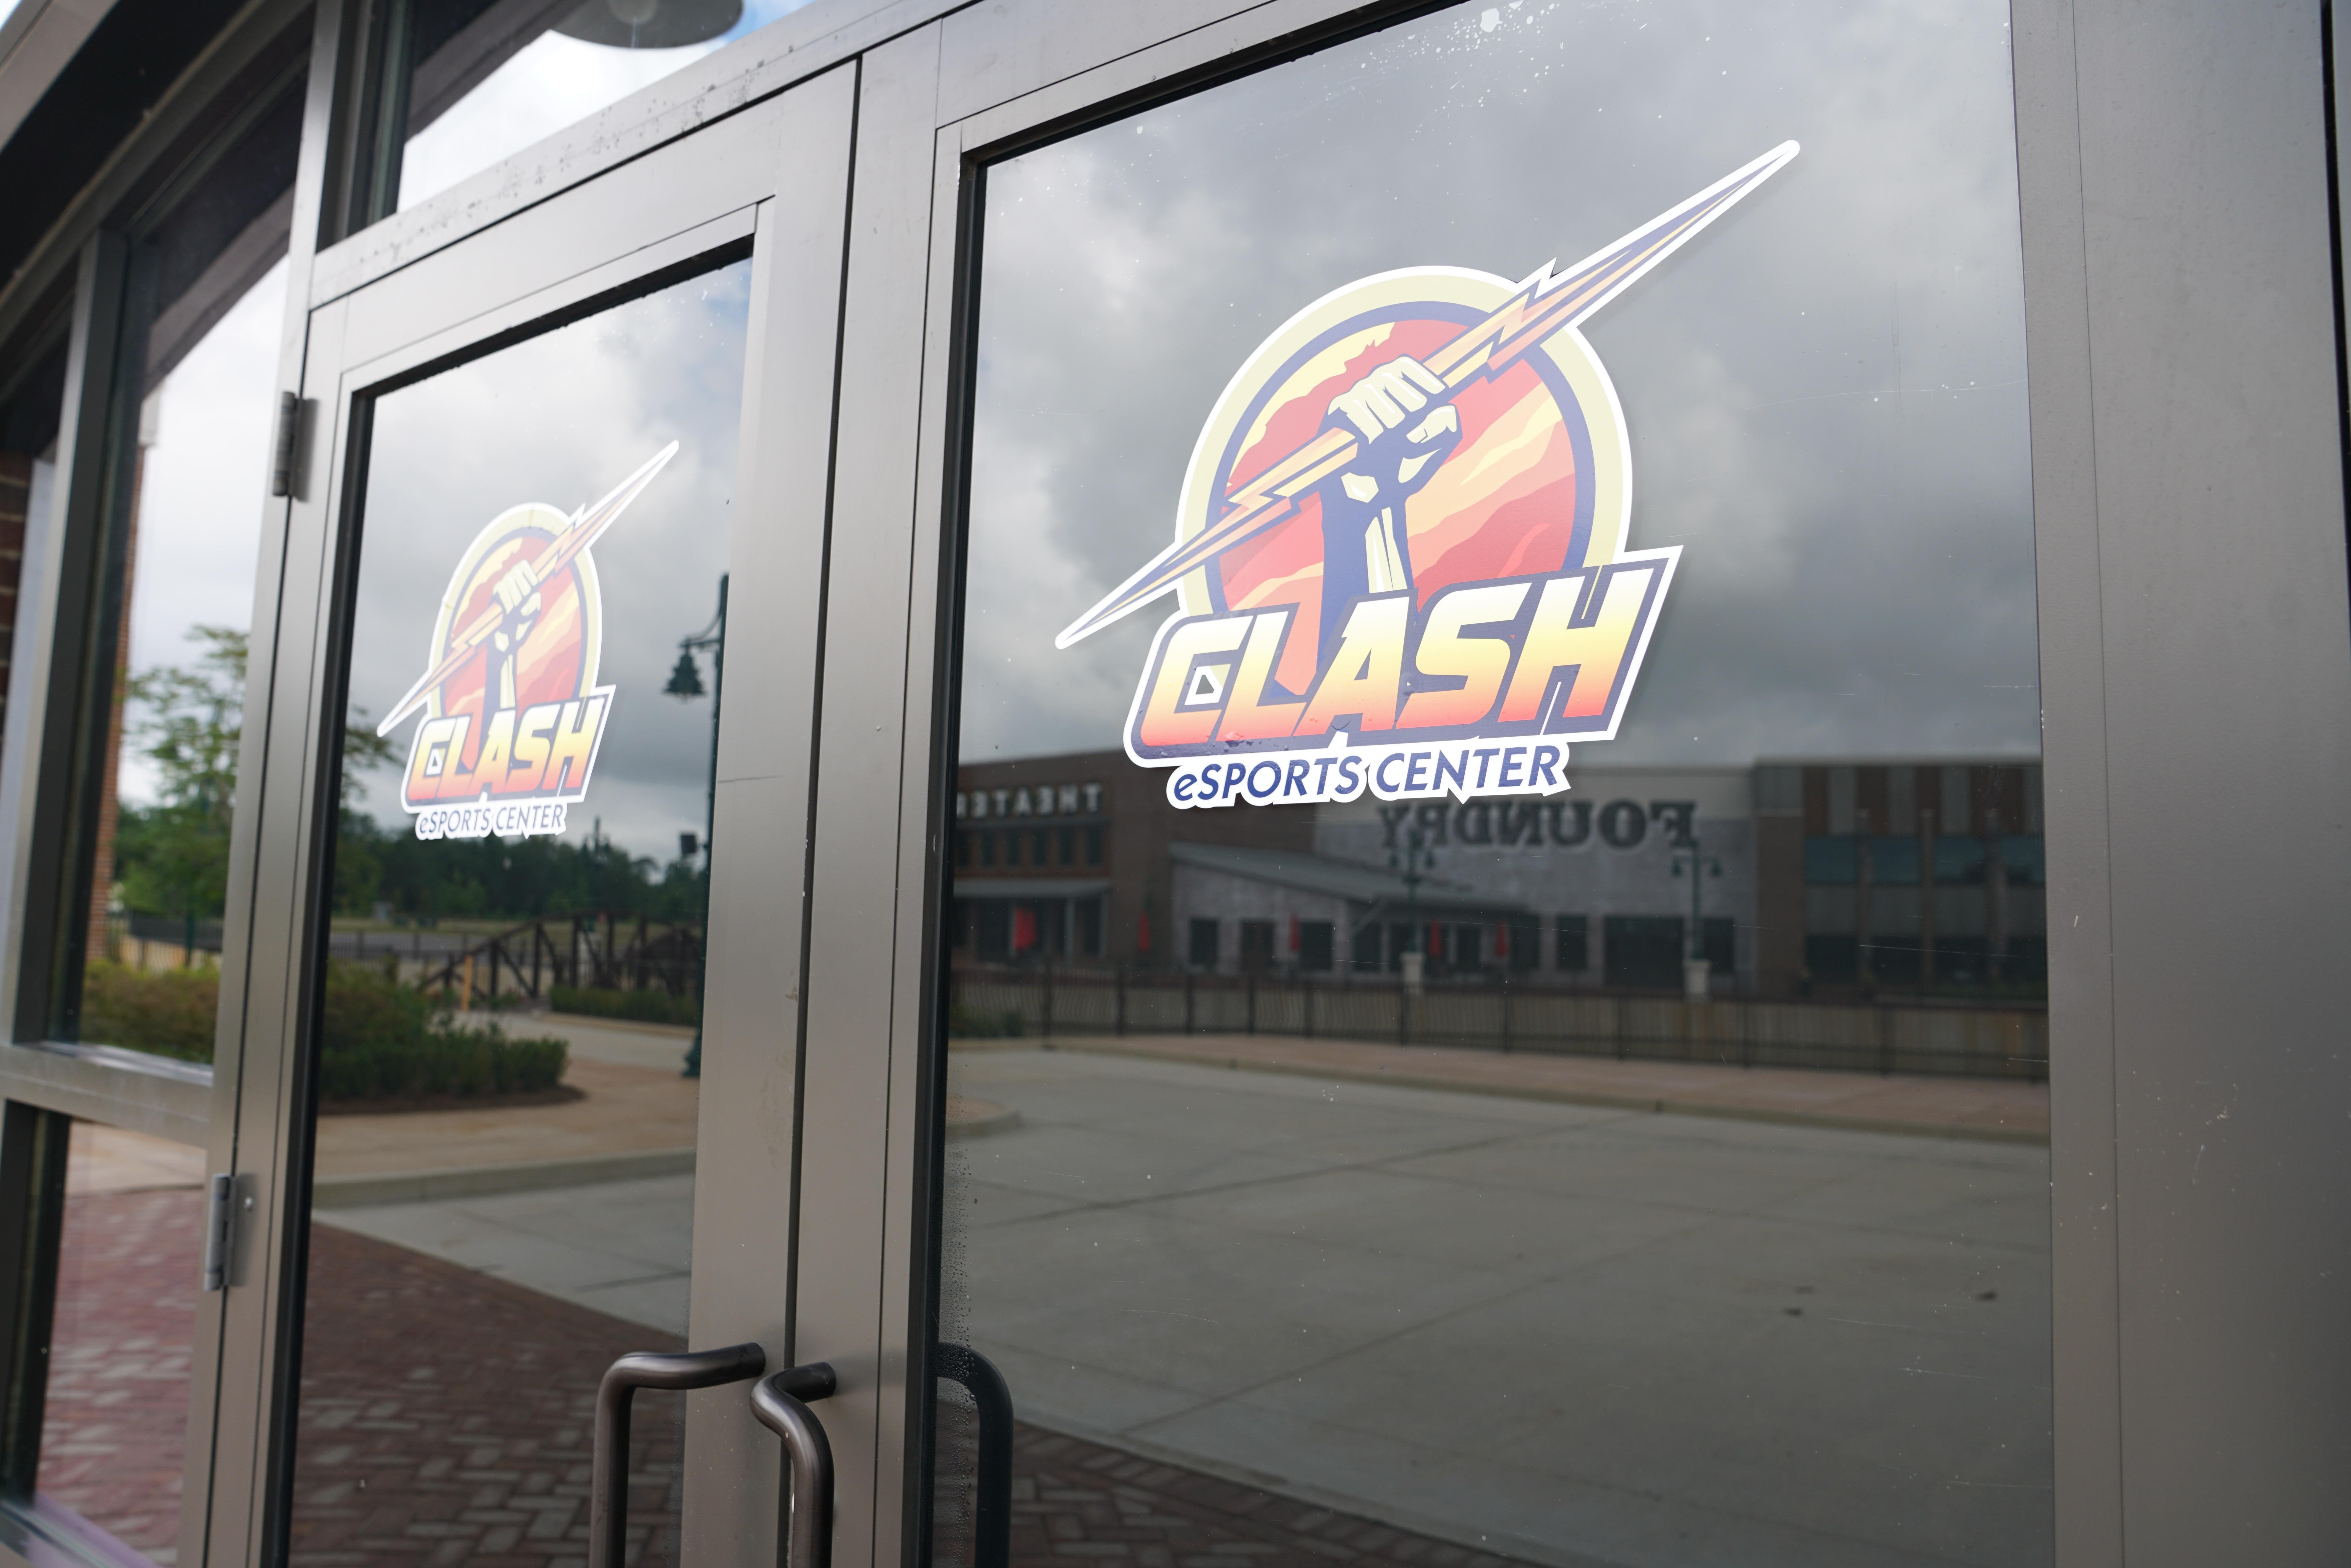 Clash eSports Center at OWA